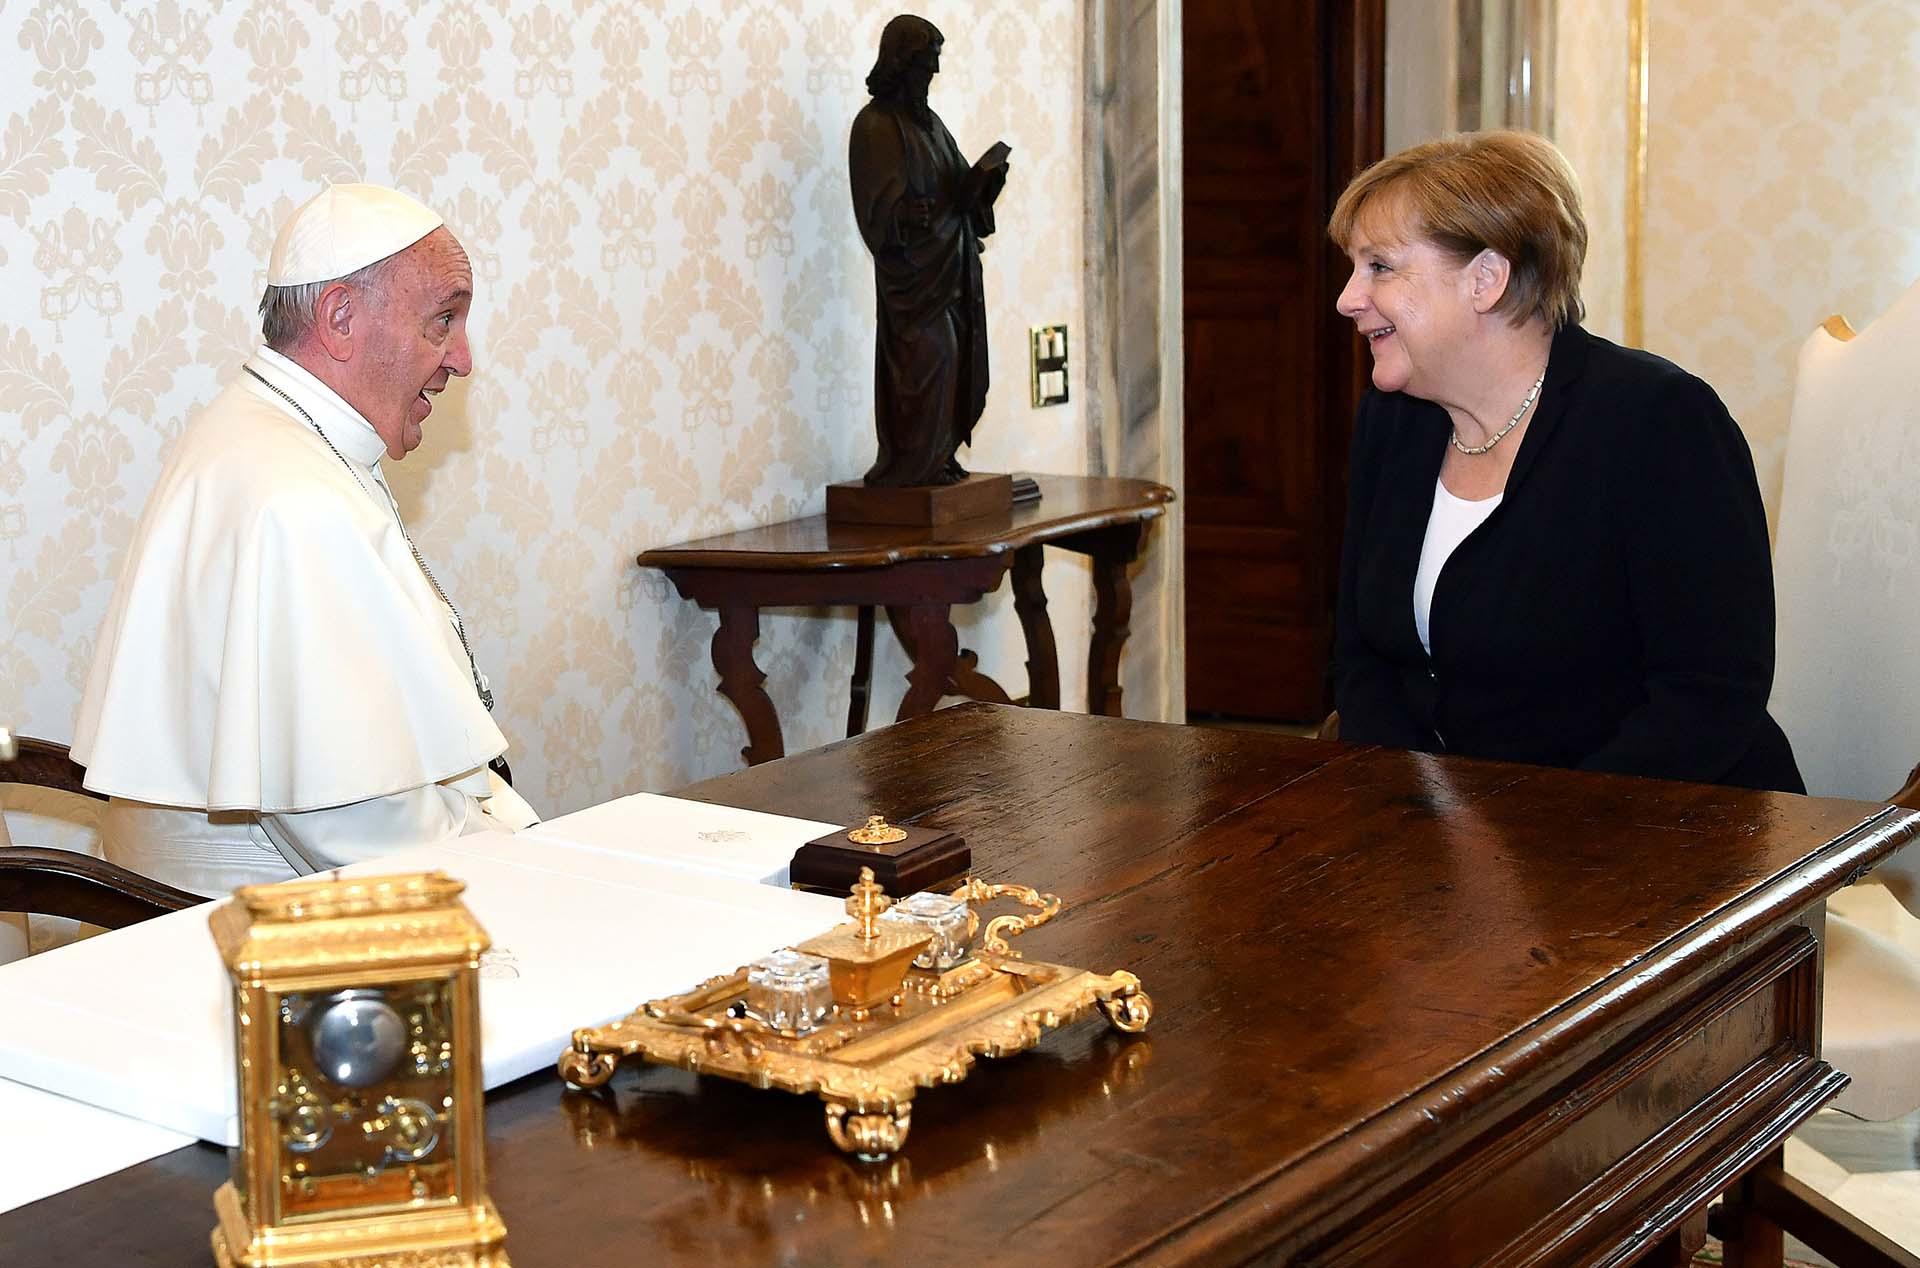 La canciller alemana Angela Merkel fue recibida por el papa Francisco en el Vaticano